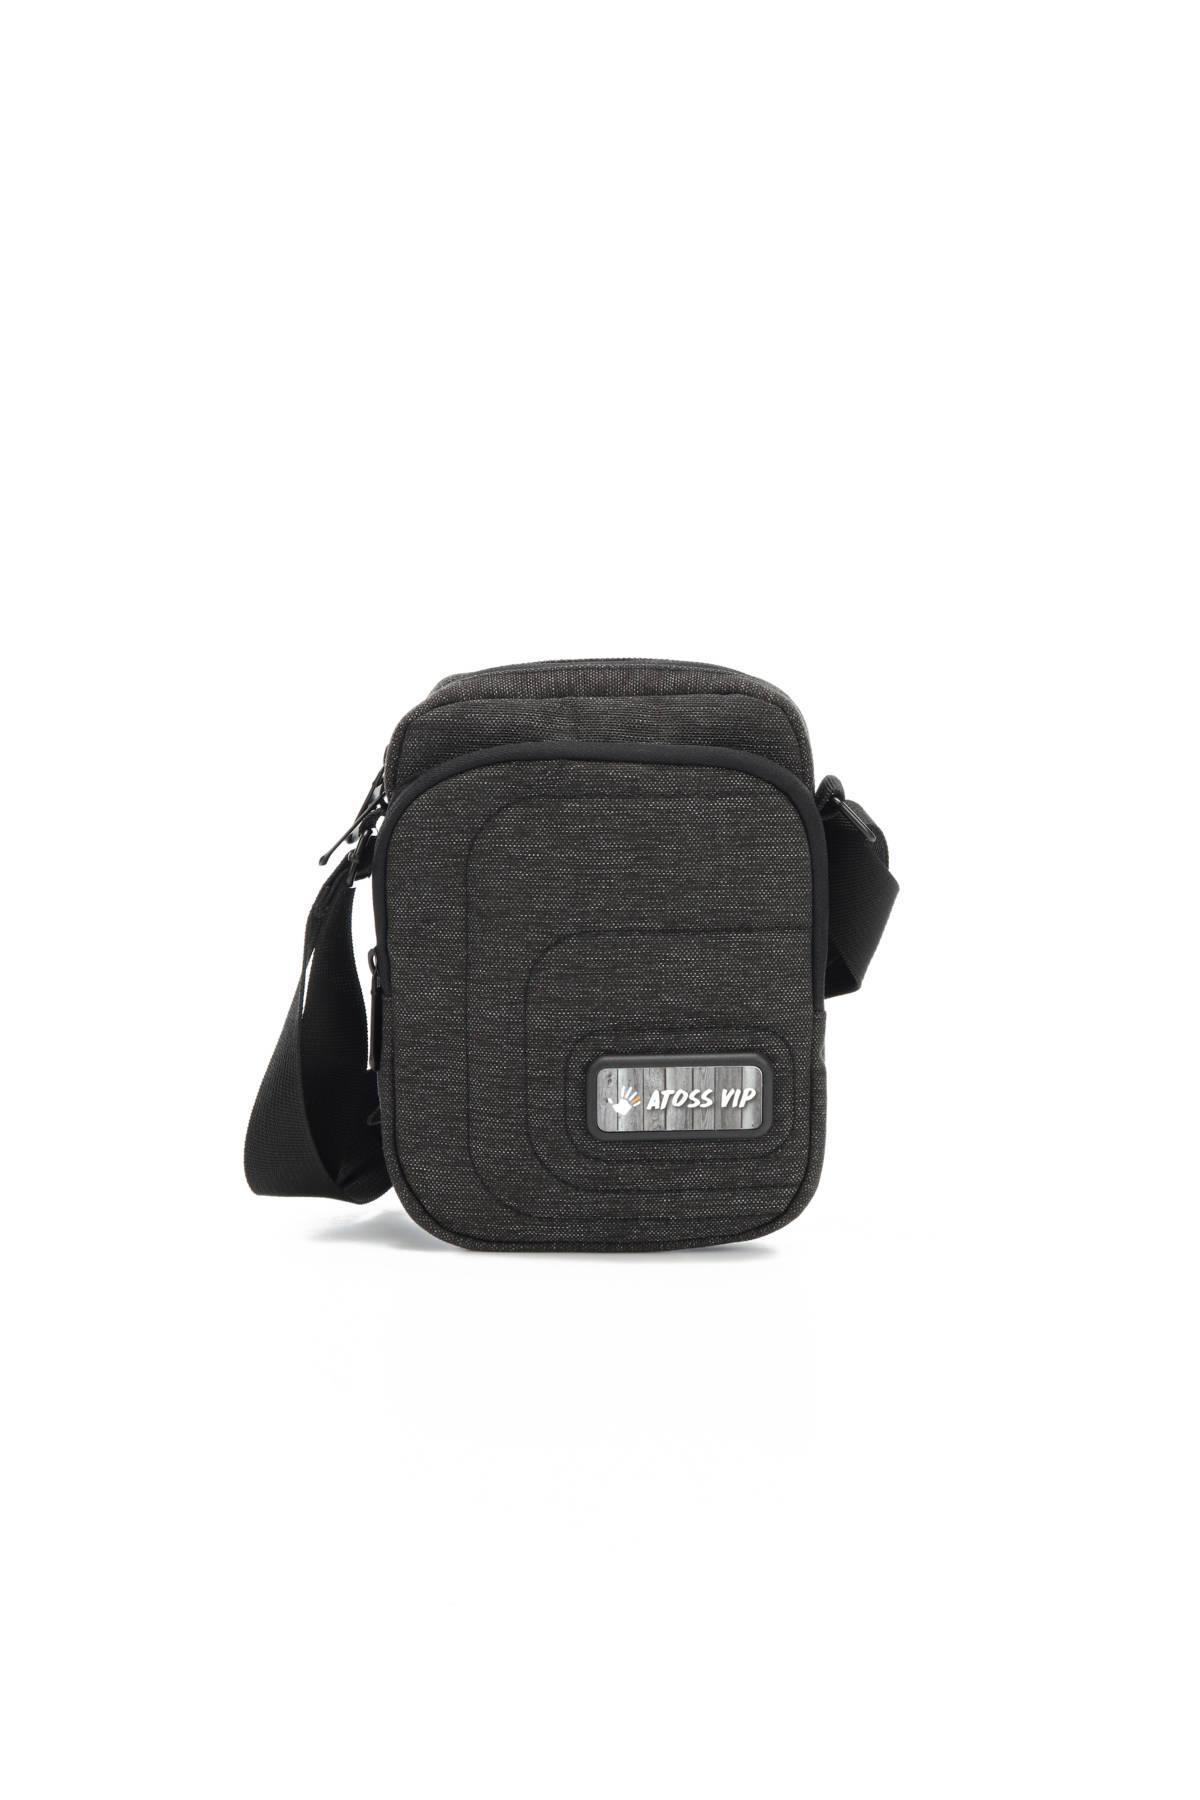 Чанта през рамо HALFAR1